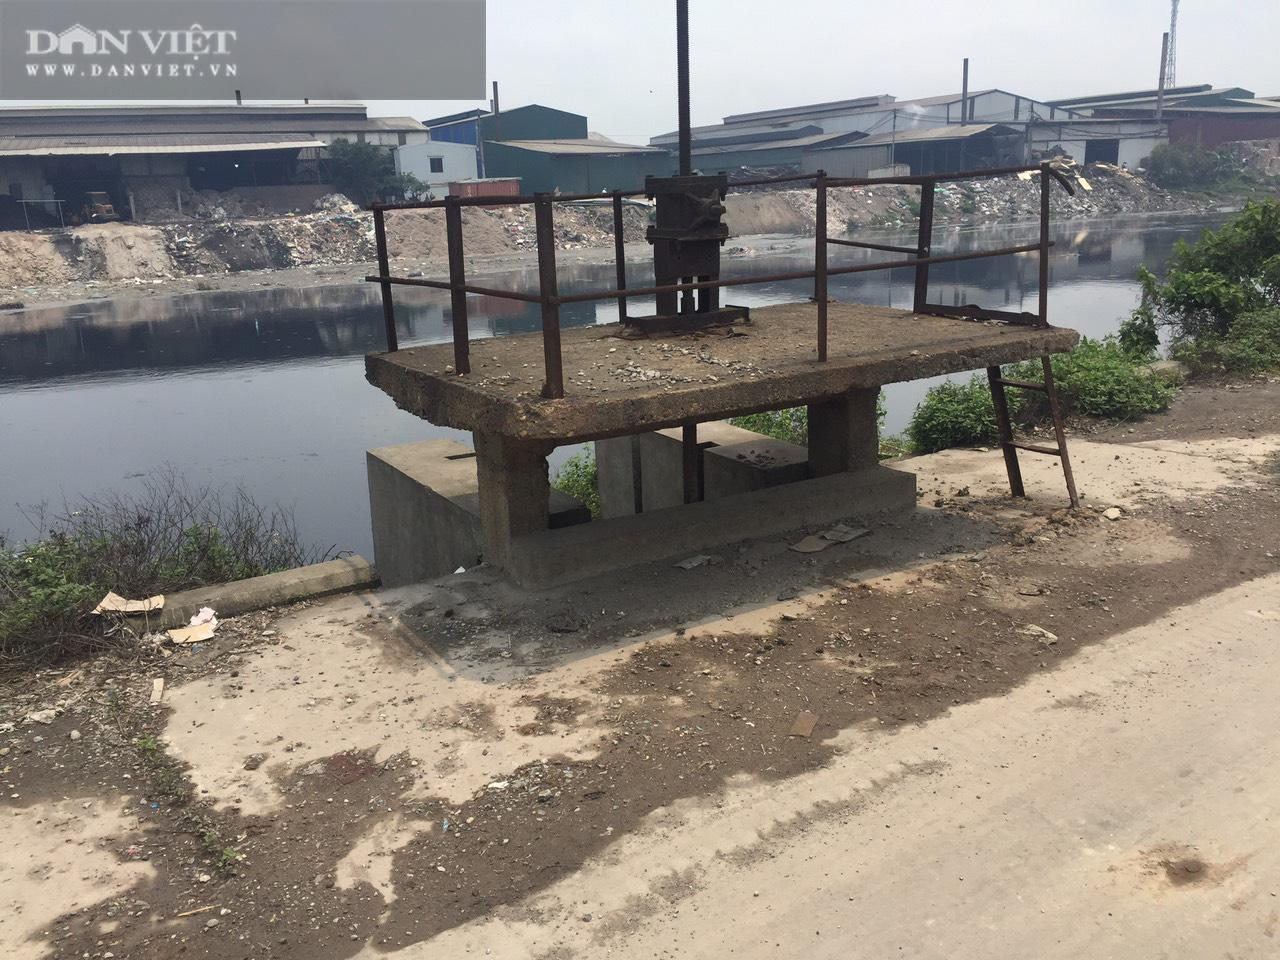 Ám ảnh khủng khiếp ở làng giấy Phú Lâm: Ô nhiễm đến con ruồi cũng không sống nổi, công nhân bán mòn sức - Ảnh 24.